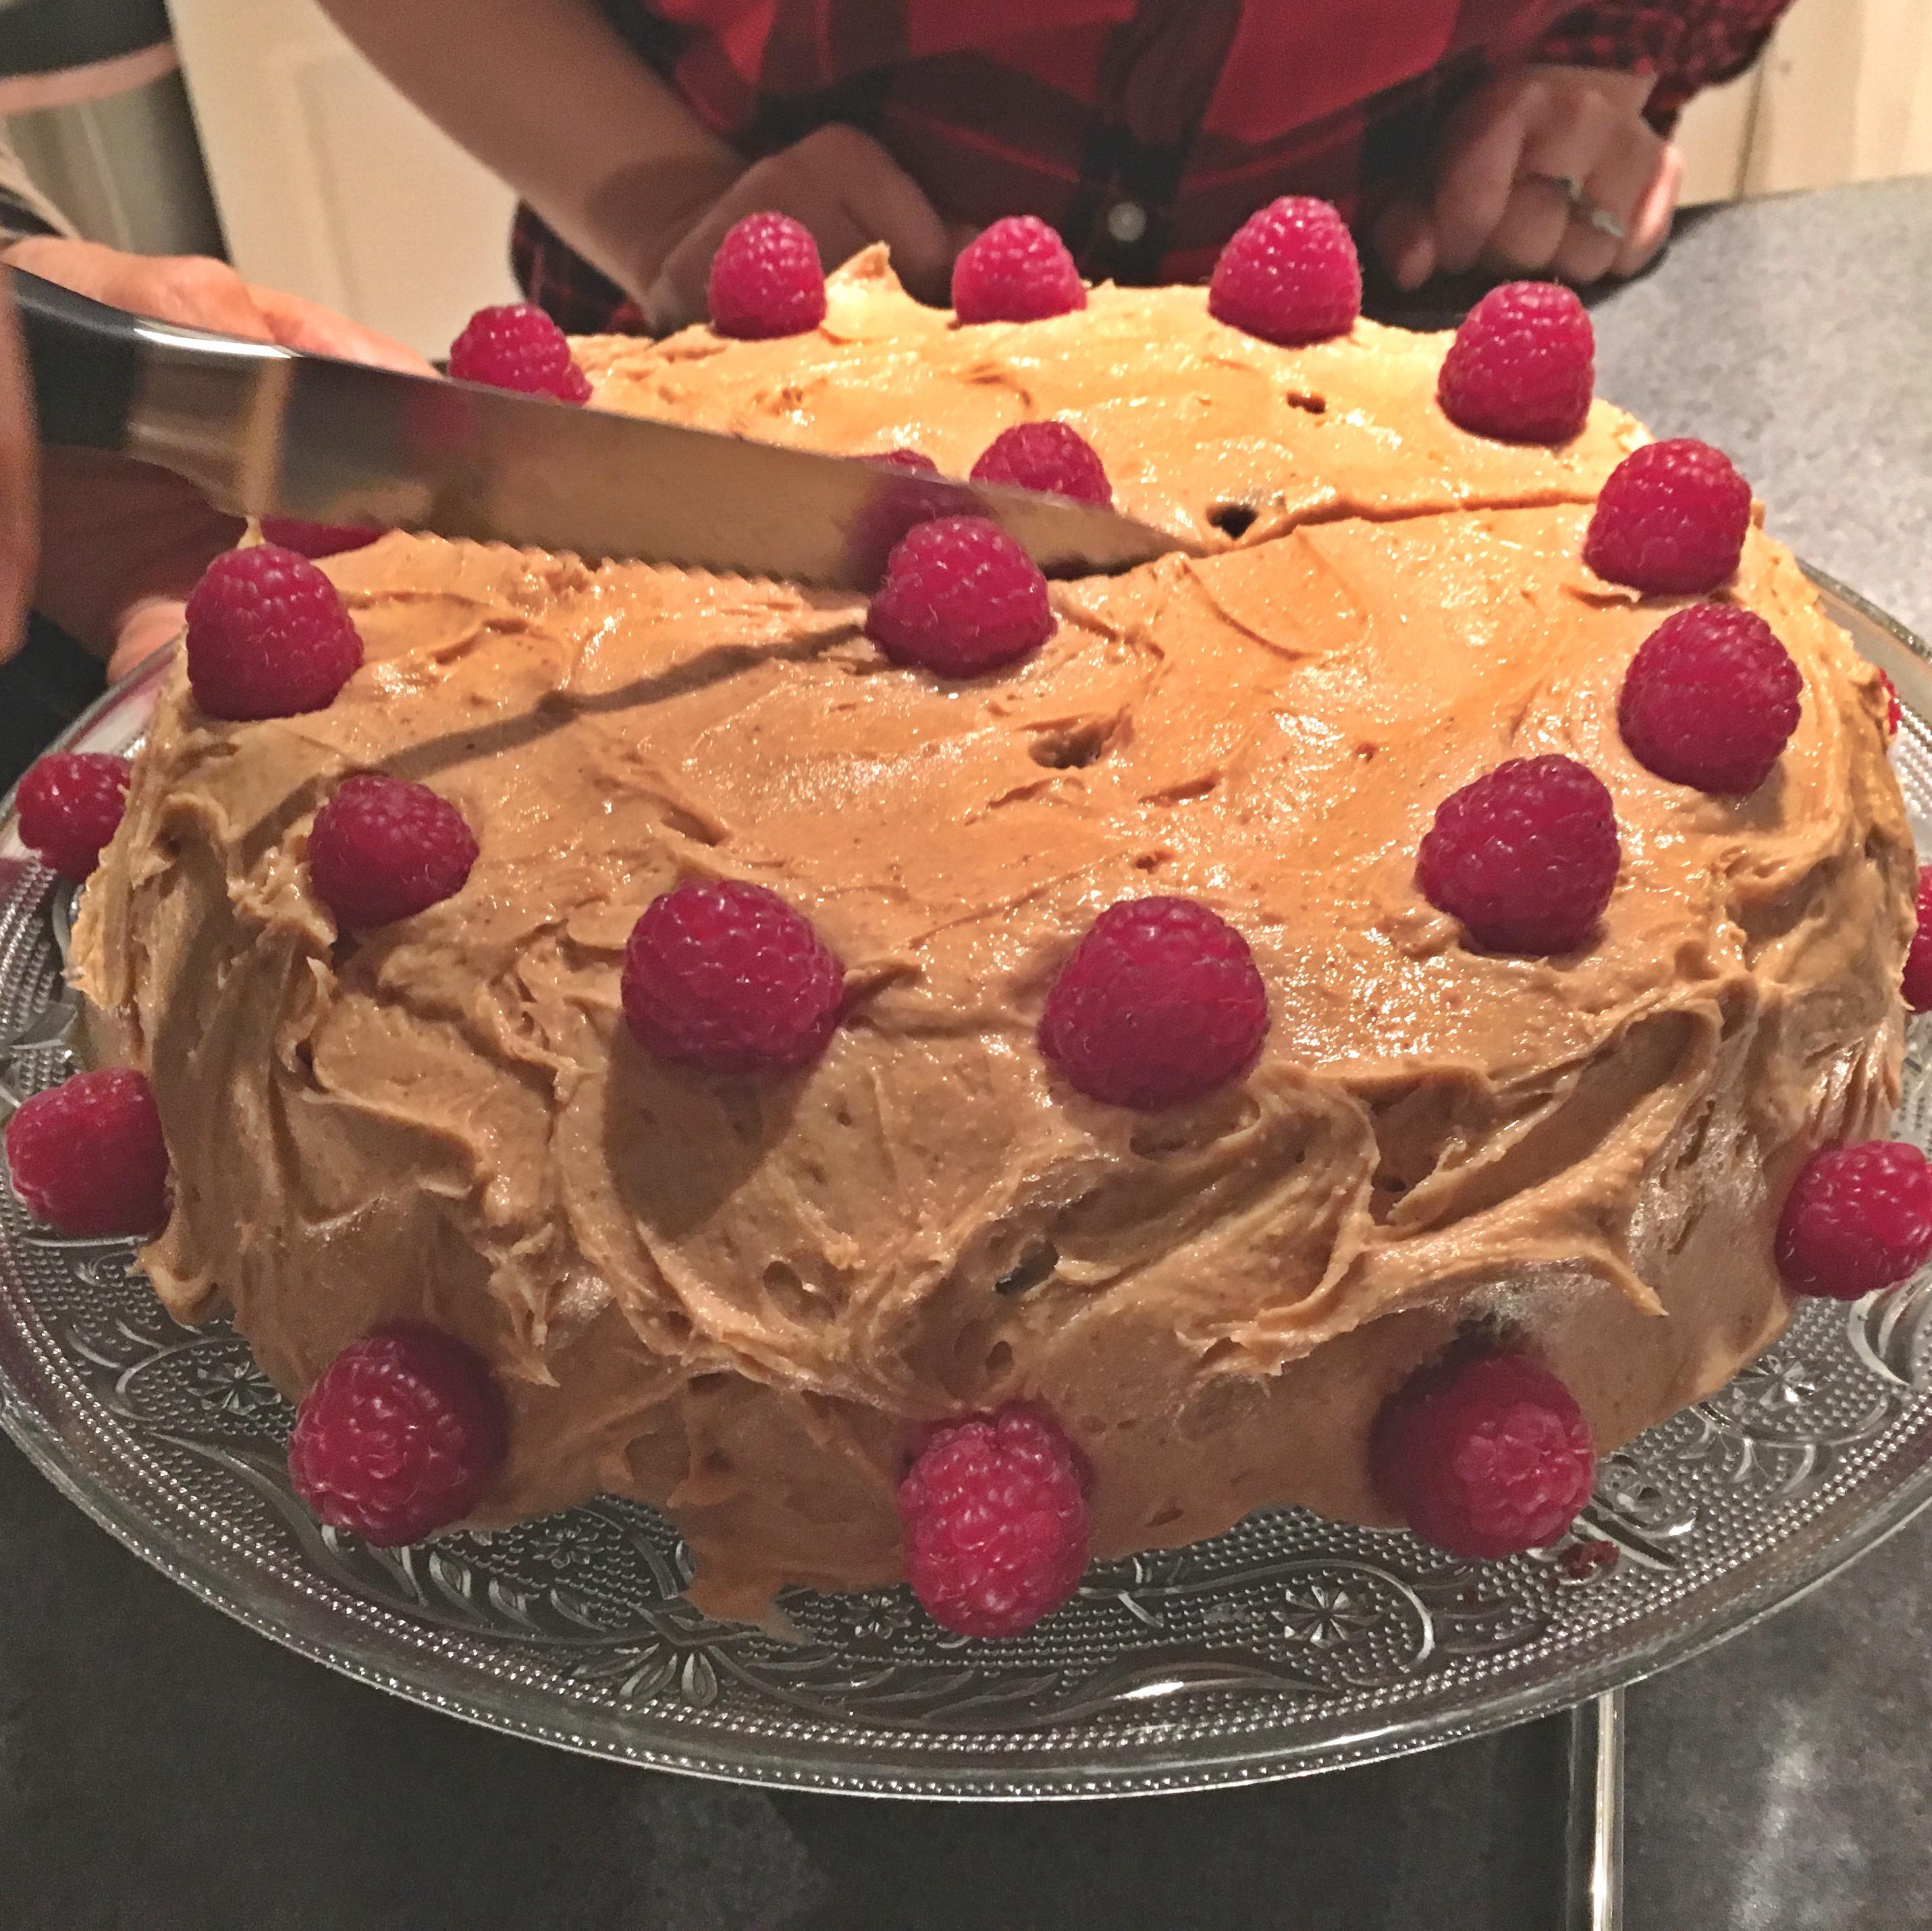 homemade gluten-free peanut butter cake